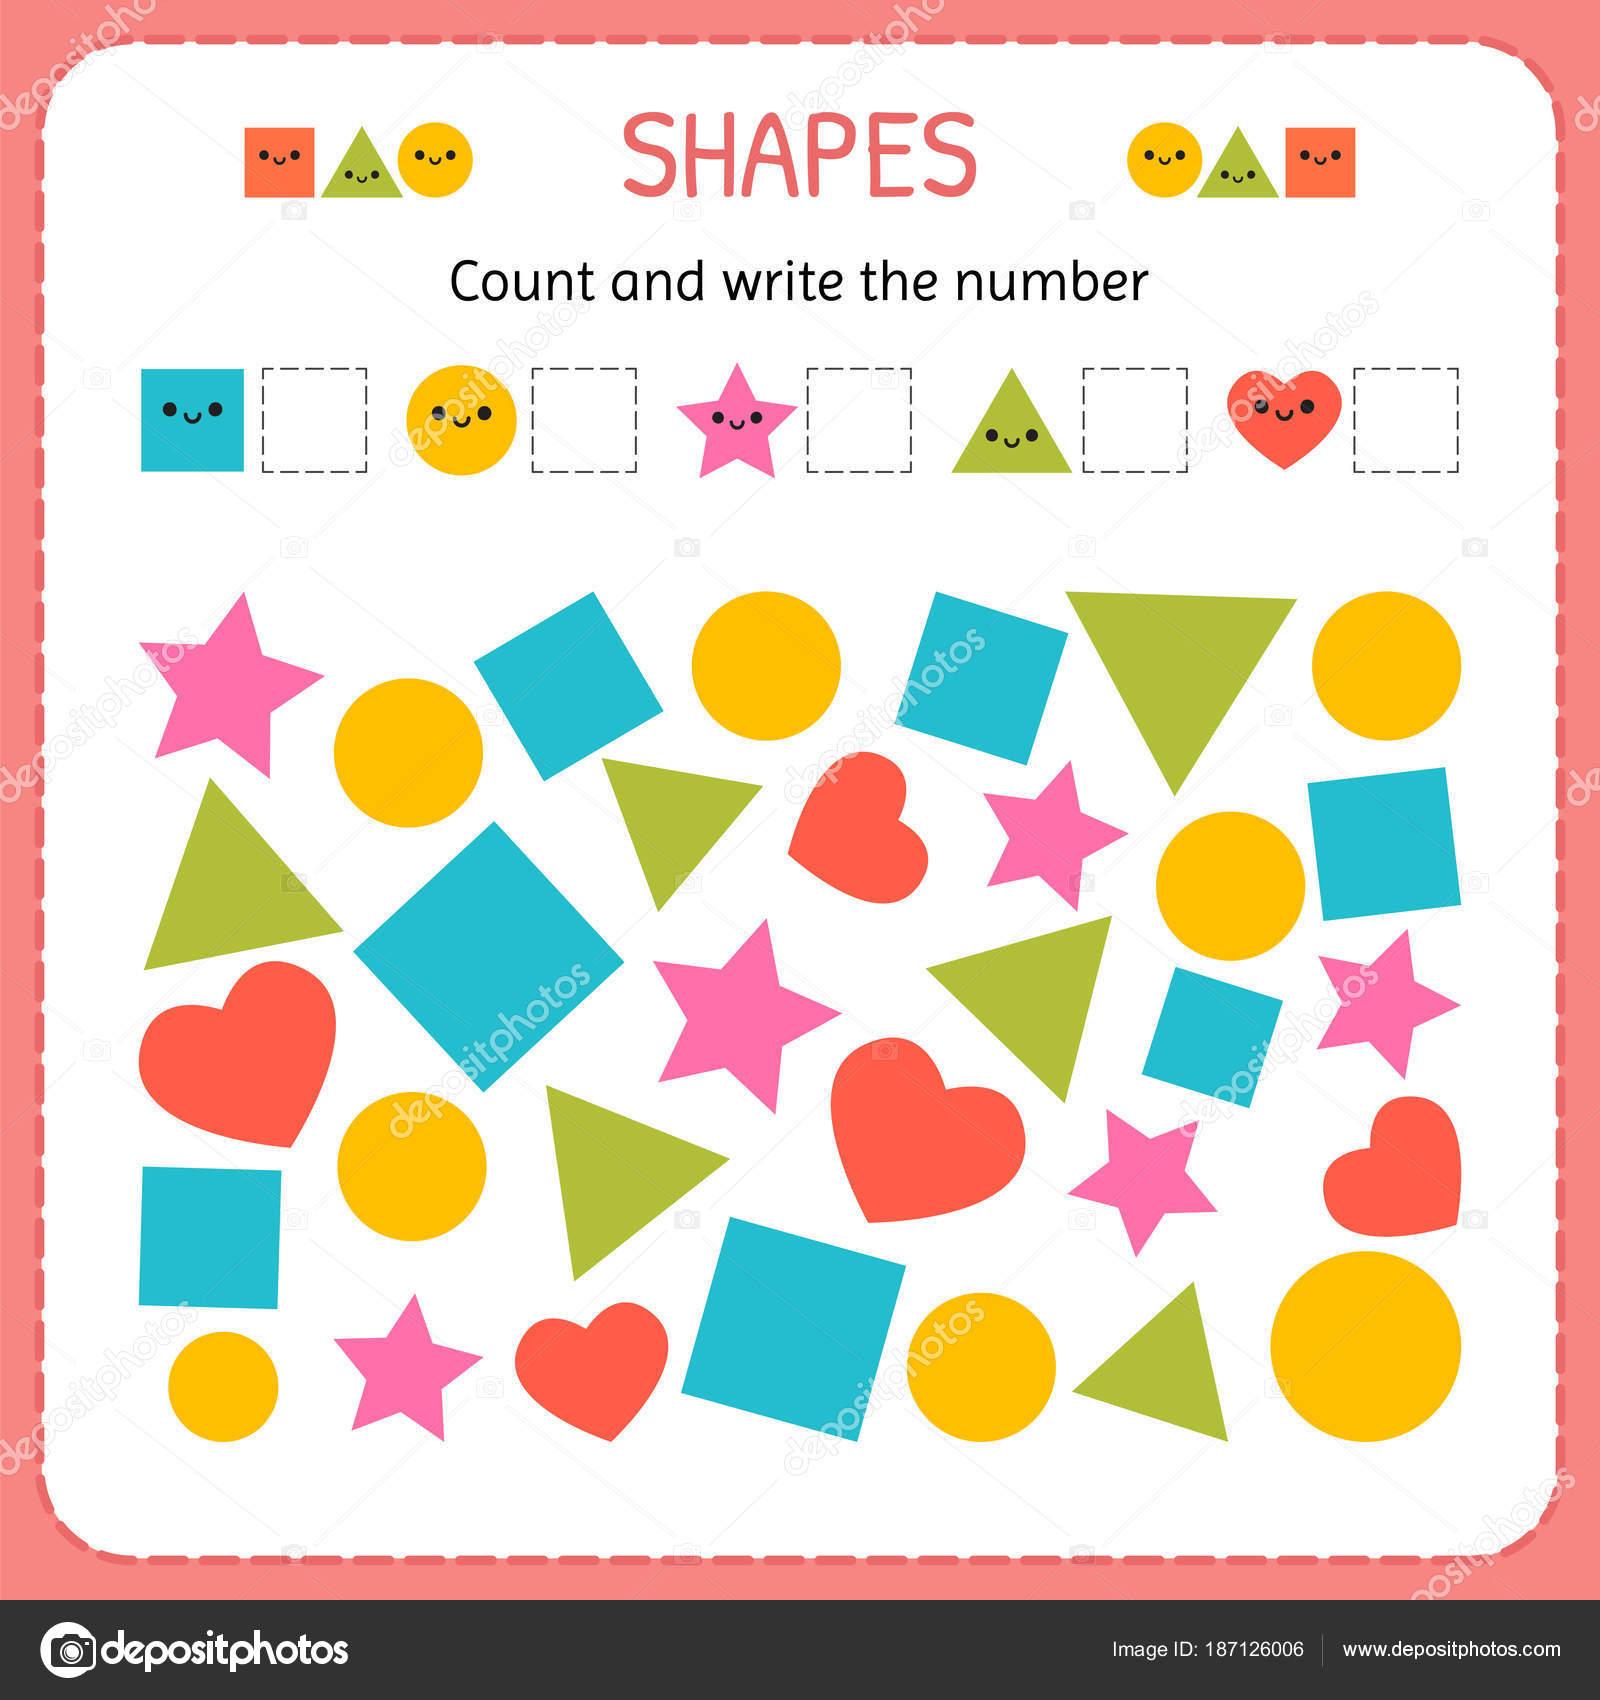 Zähle und schreibe die Zahl. Formen und geometrischen Figuren zu ...